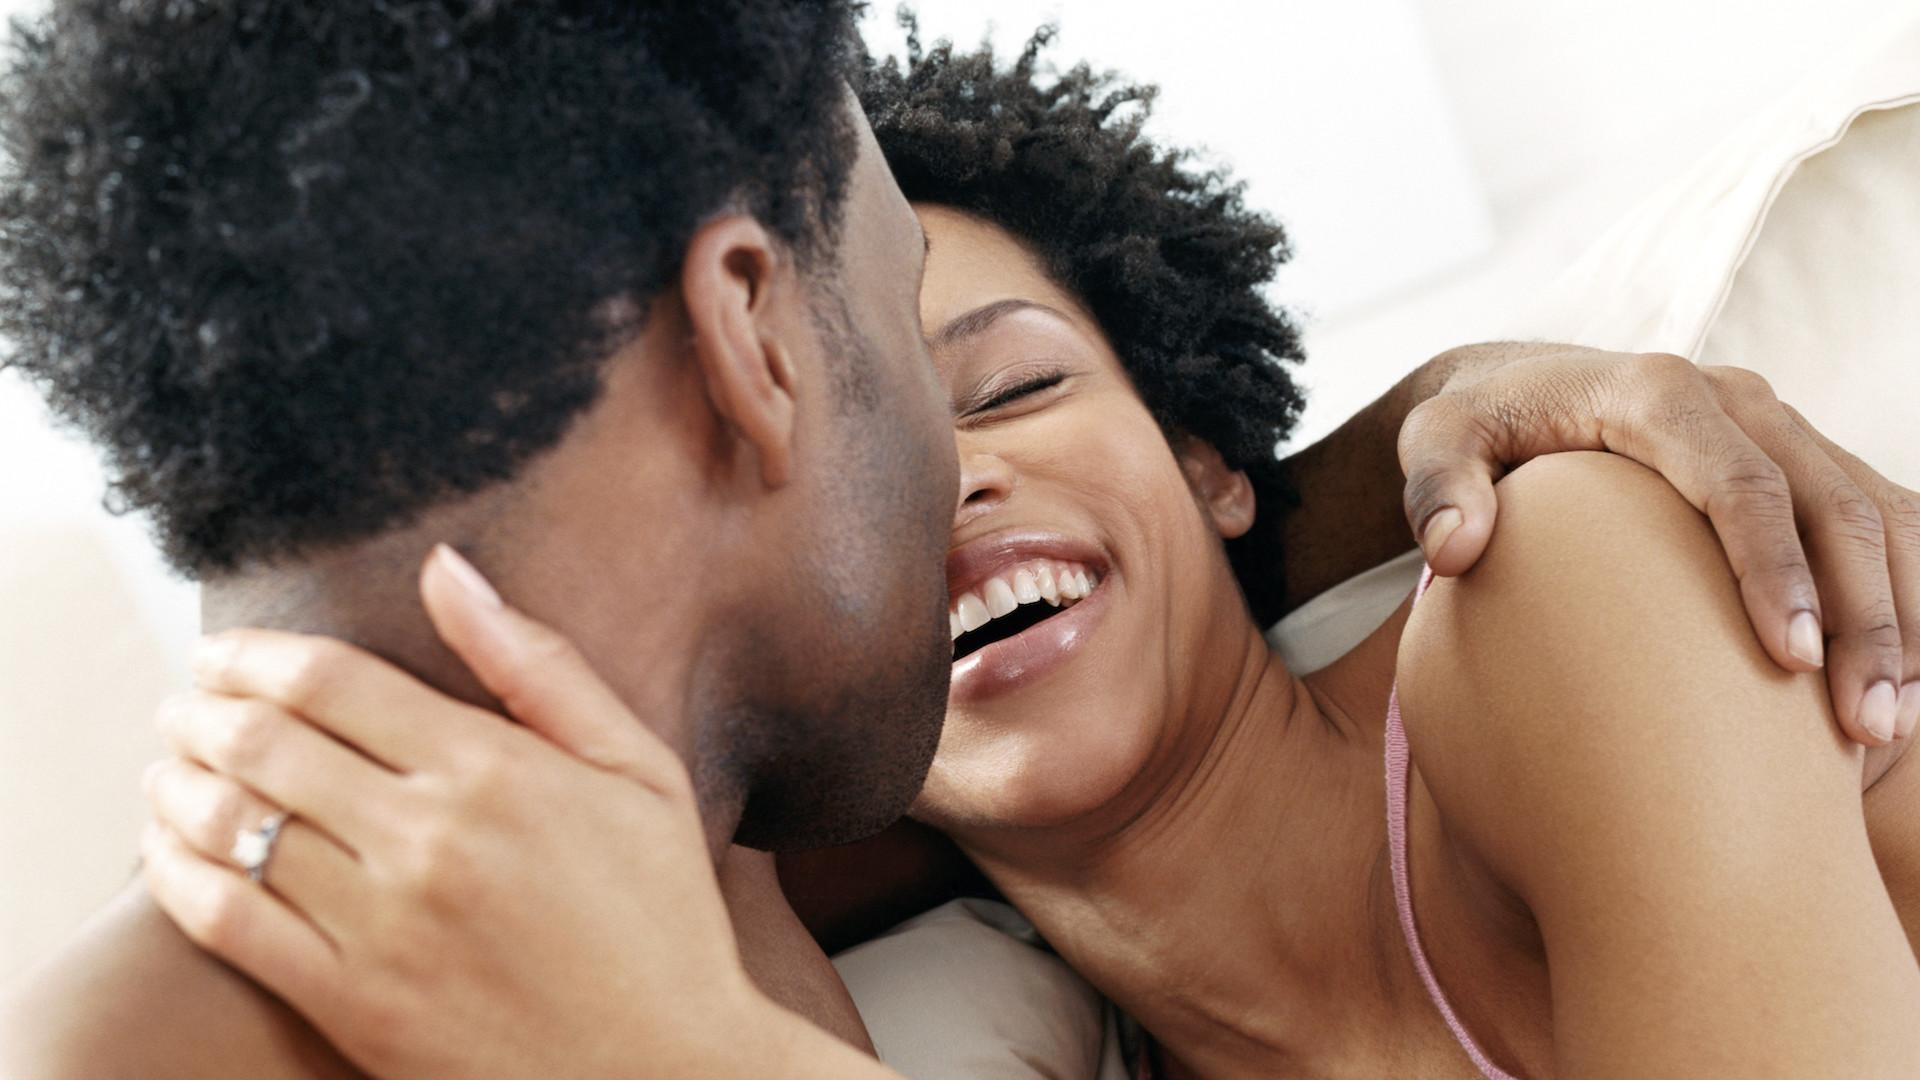 Black women over 50 having sex